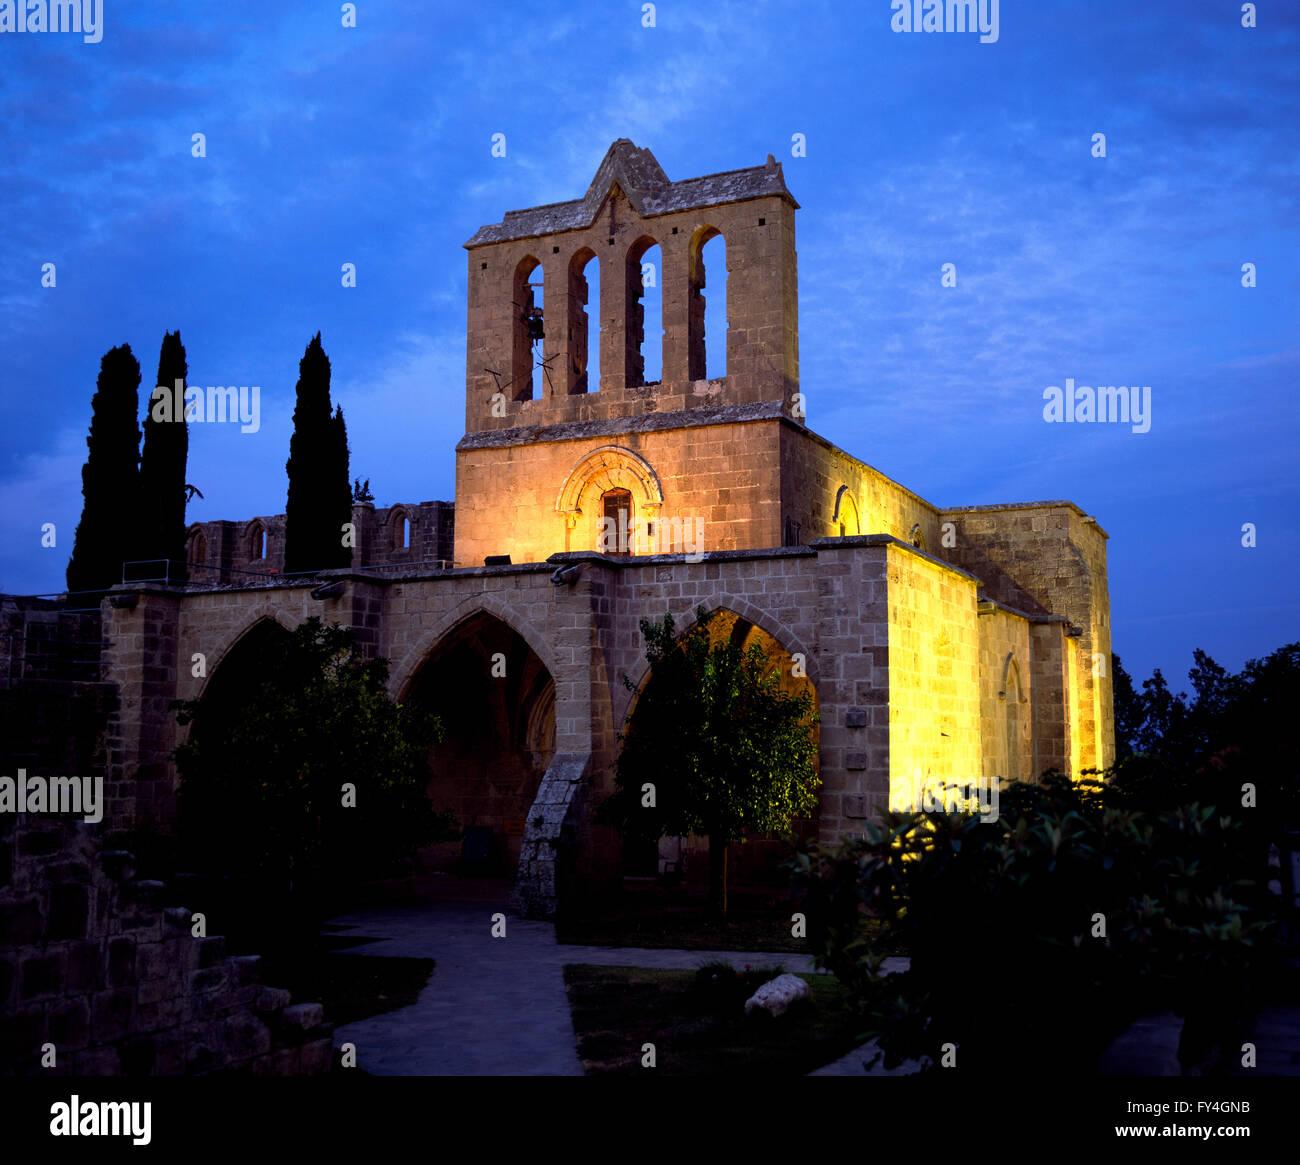 Salamis, Bellapais Monastery, North CYPRUS, Europe - Stock Image